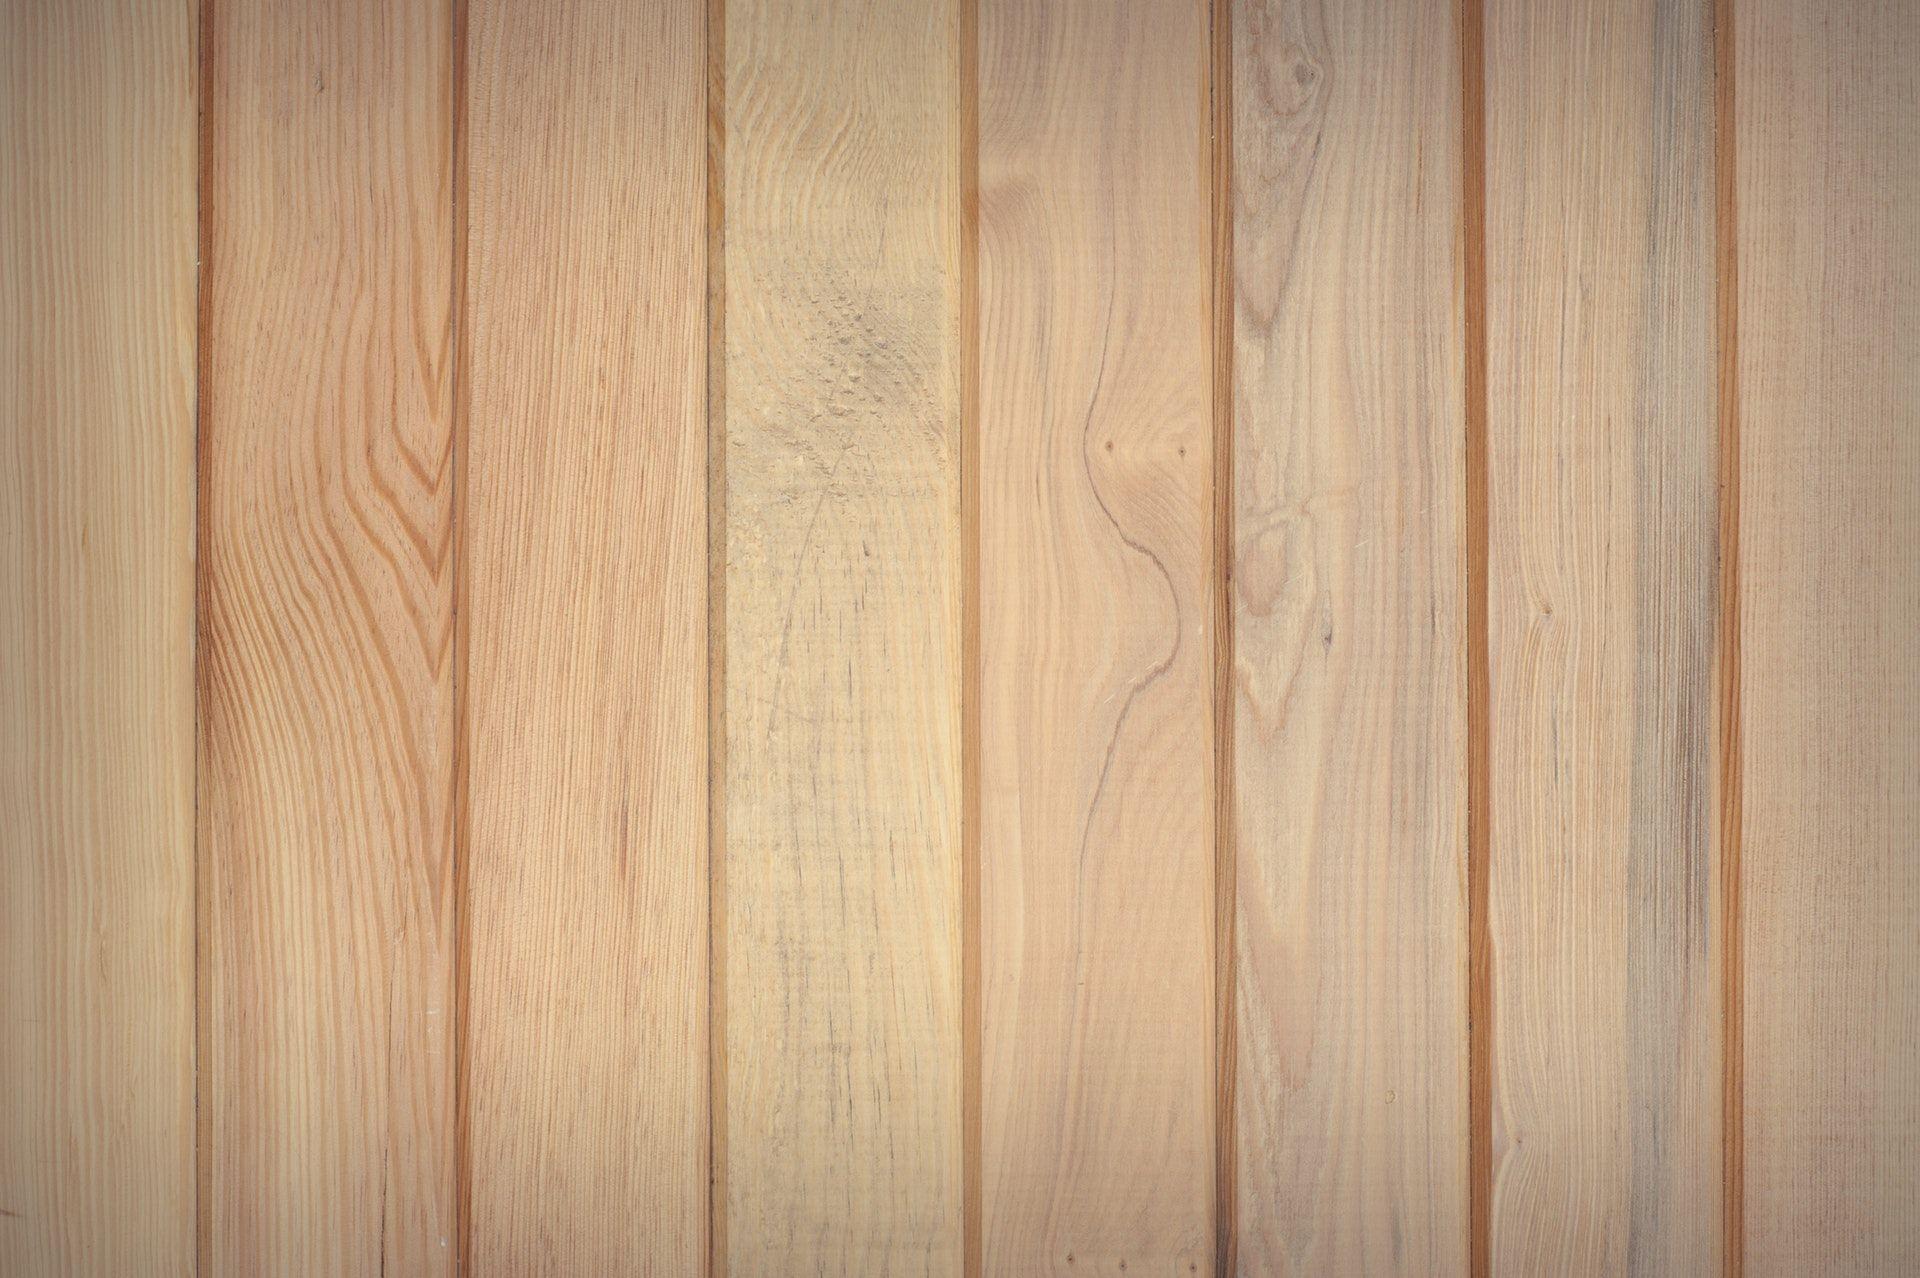 عکس زمینه طرح کف چوب قهوه ای پس زمینه